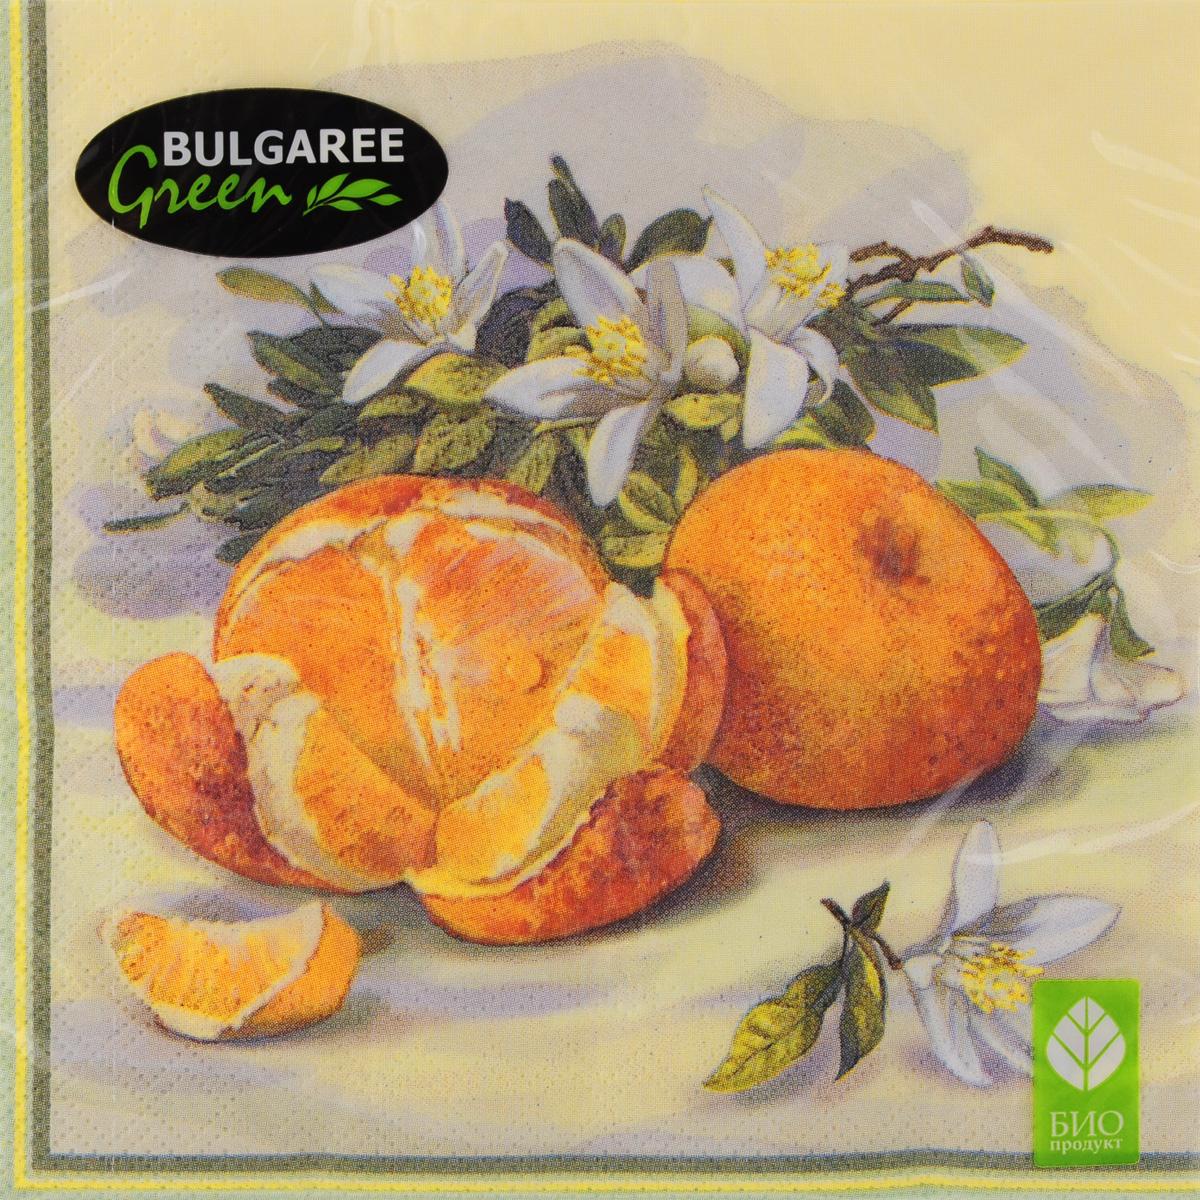 Салфетки бумажные Bulgaree Green Апельсины, трехслойные, 33 х 33 см, 20 шт531-326Декоративные трехслойные салфетки Bulgaree Green Апельсинывыполнены из 100%целлюлозы европейского качества и оформлены ярким рисунком. Изделиястанут отличнымдополнением любого праздничного стола. Они отличаются необычноймягкостью,прочностью и оригинальностью.Размер салфеток в развернутом виде: 33 х 33 см.